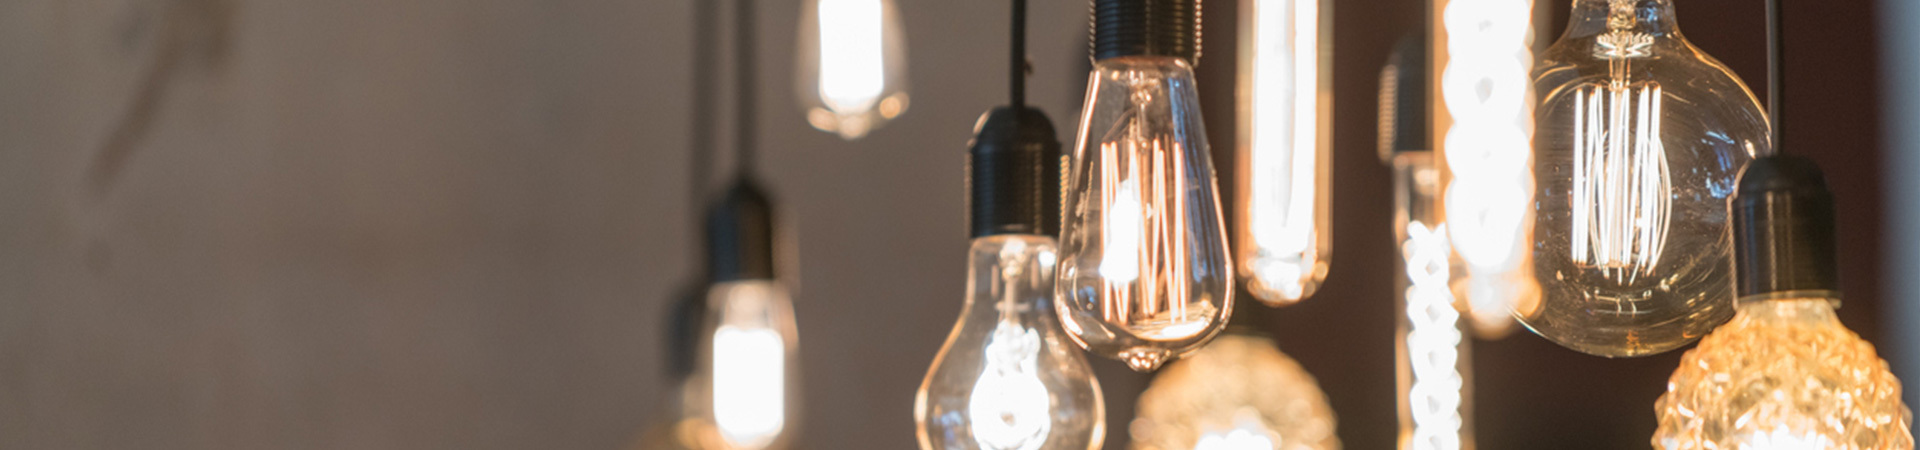 Electrician Barnsley